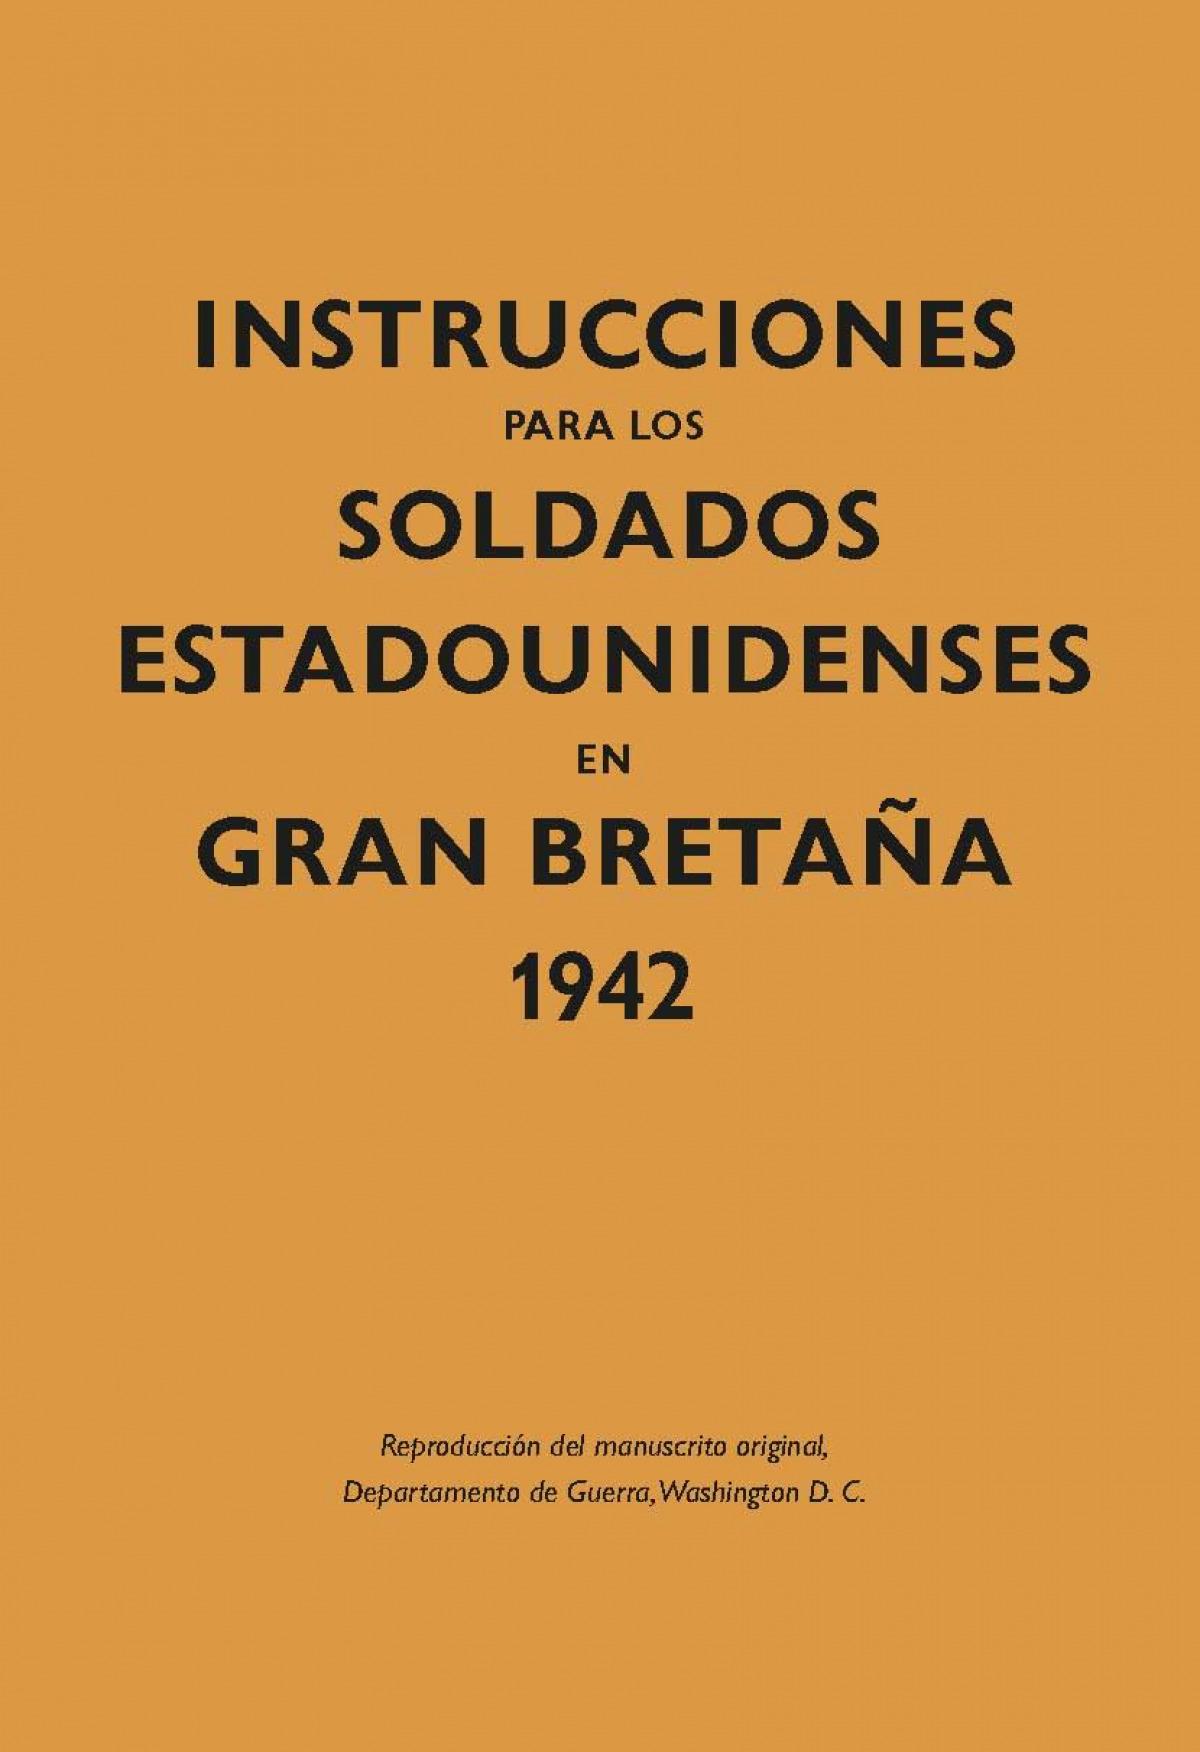 Instrucciones soldados Estadounidenses Gran Bretaña 1944 9788416023592